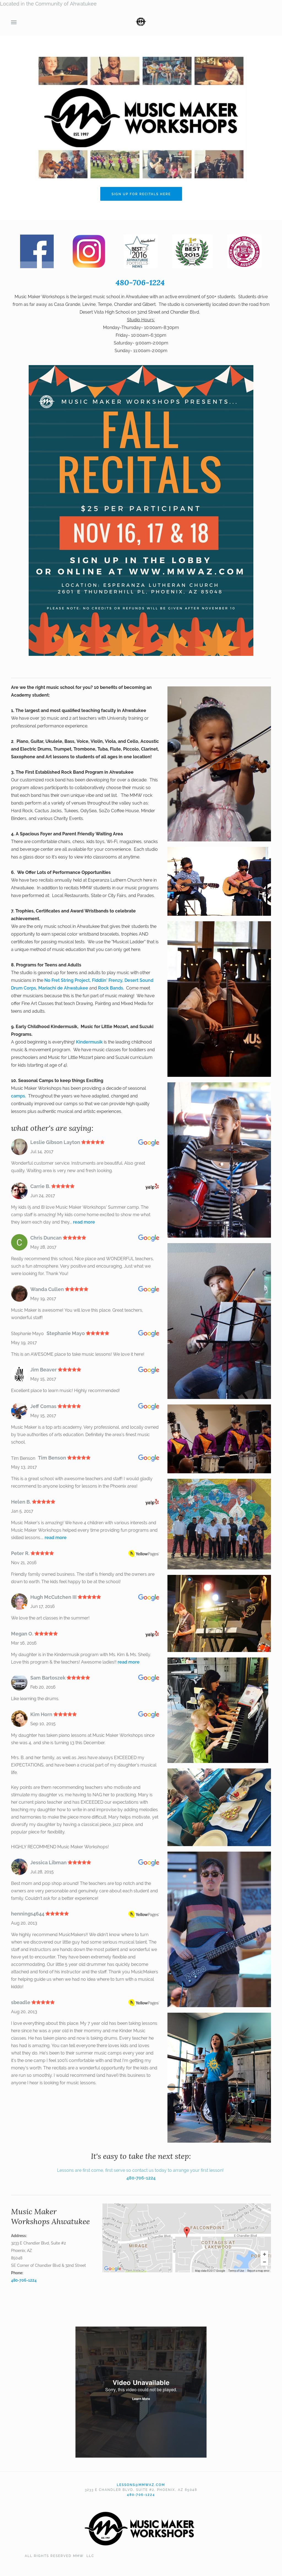 Violin Rock Bands